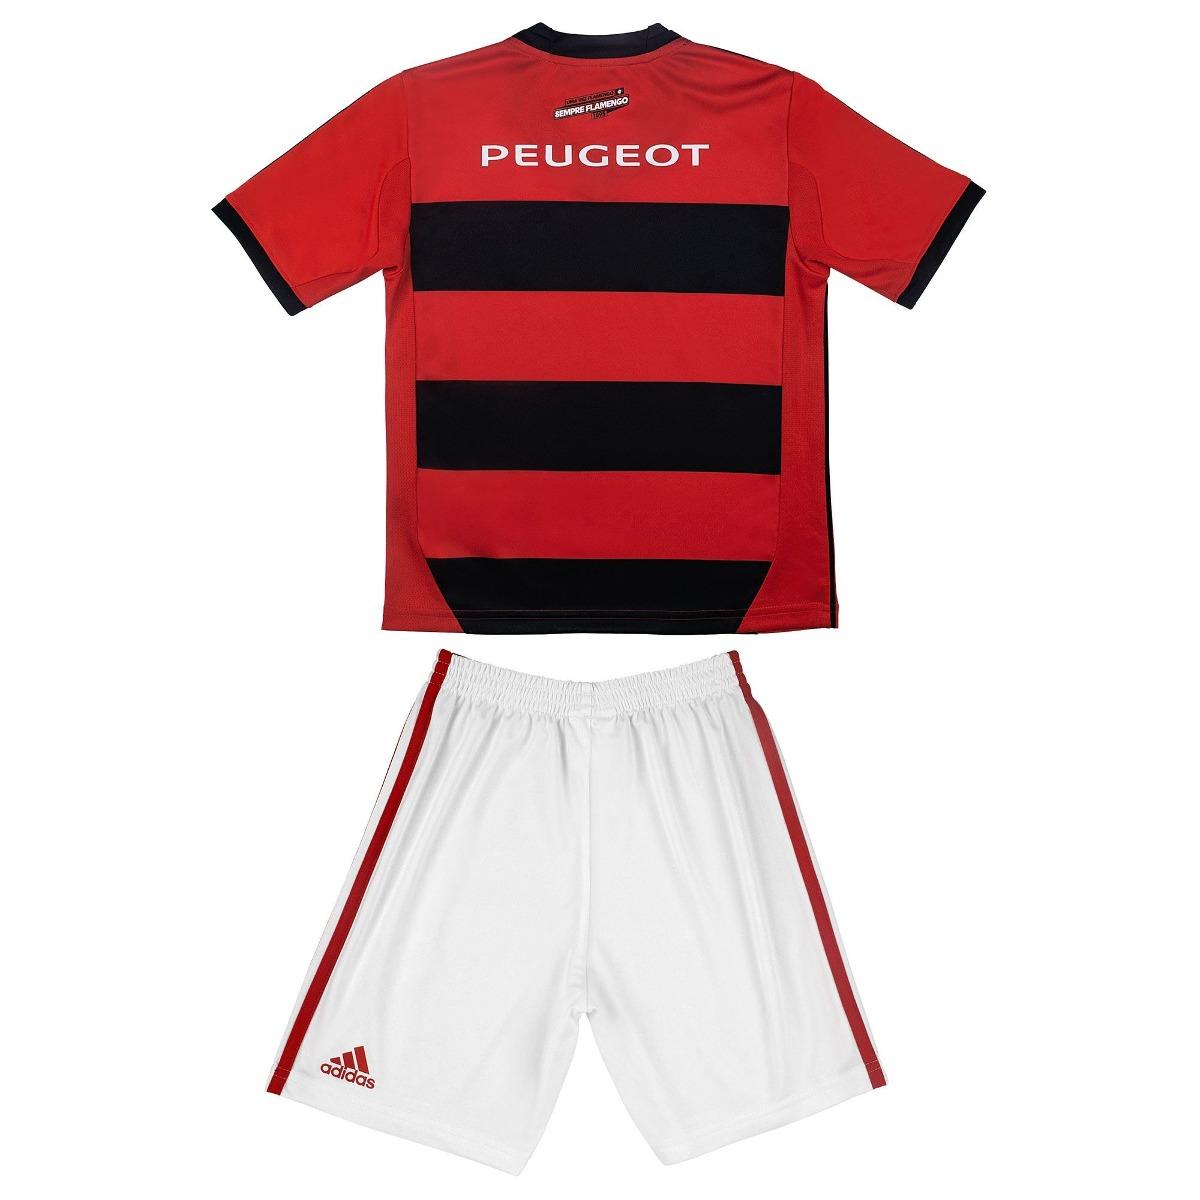 Carregando zoom... kit adidas flamengo infantil ... 1af58260f2187